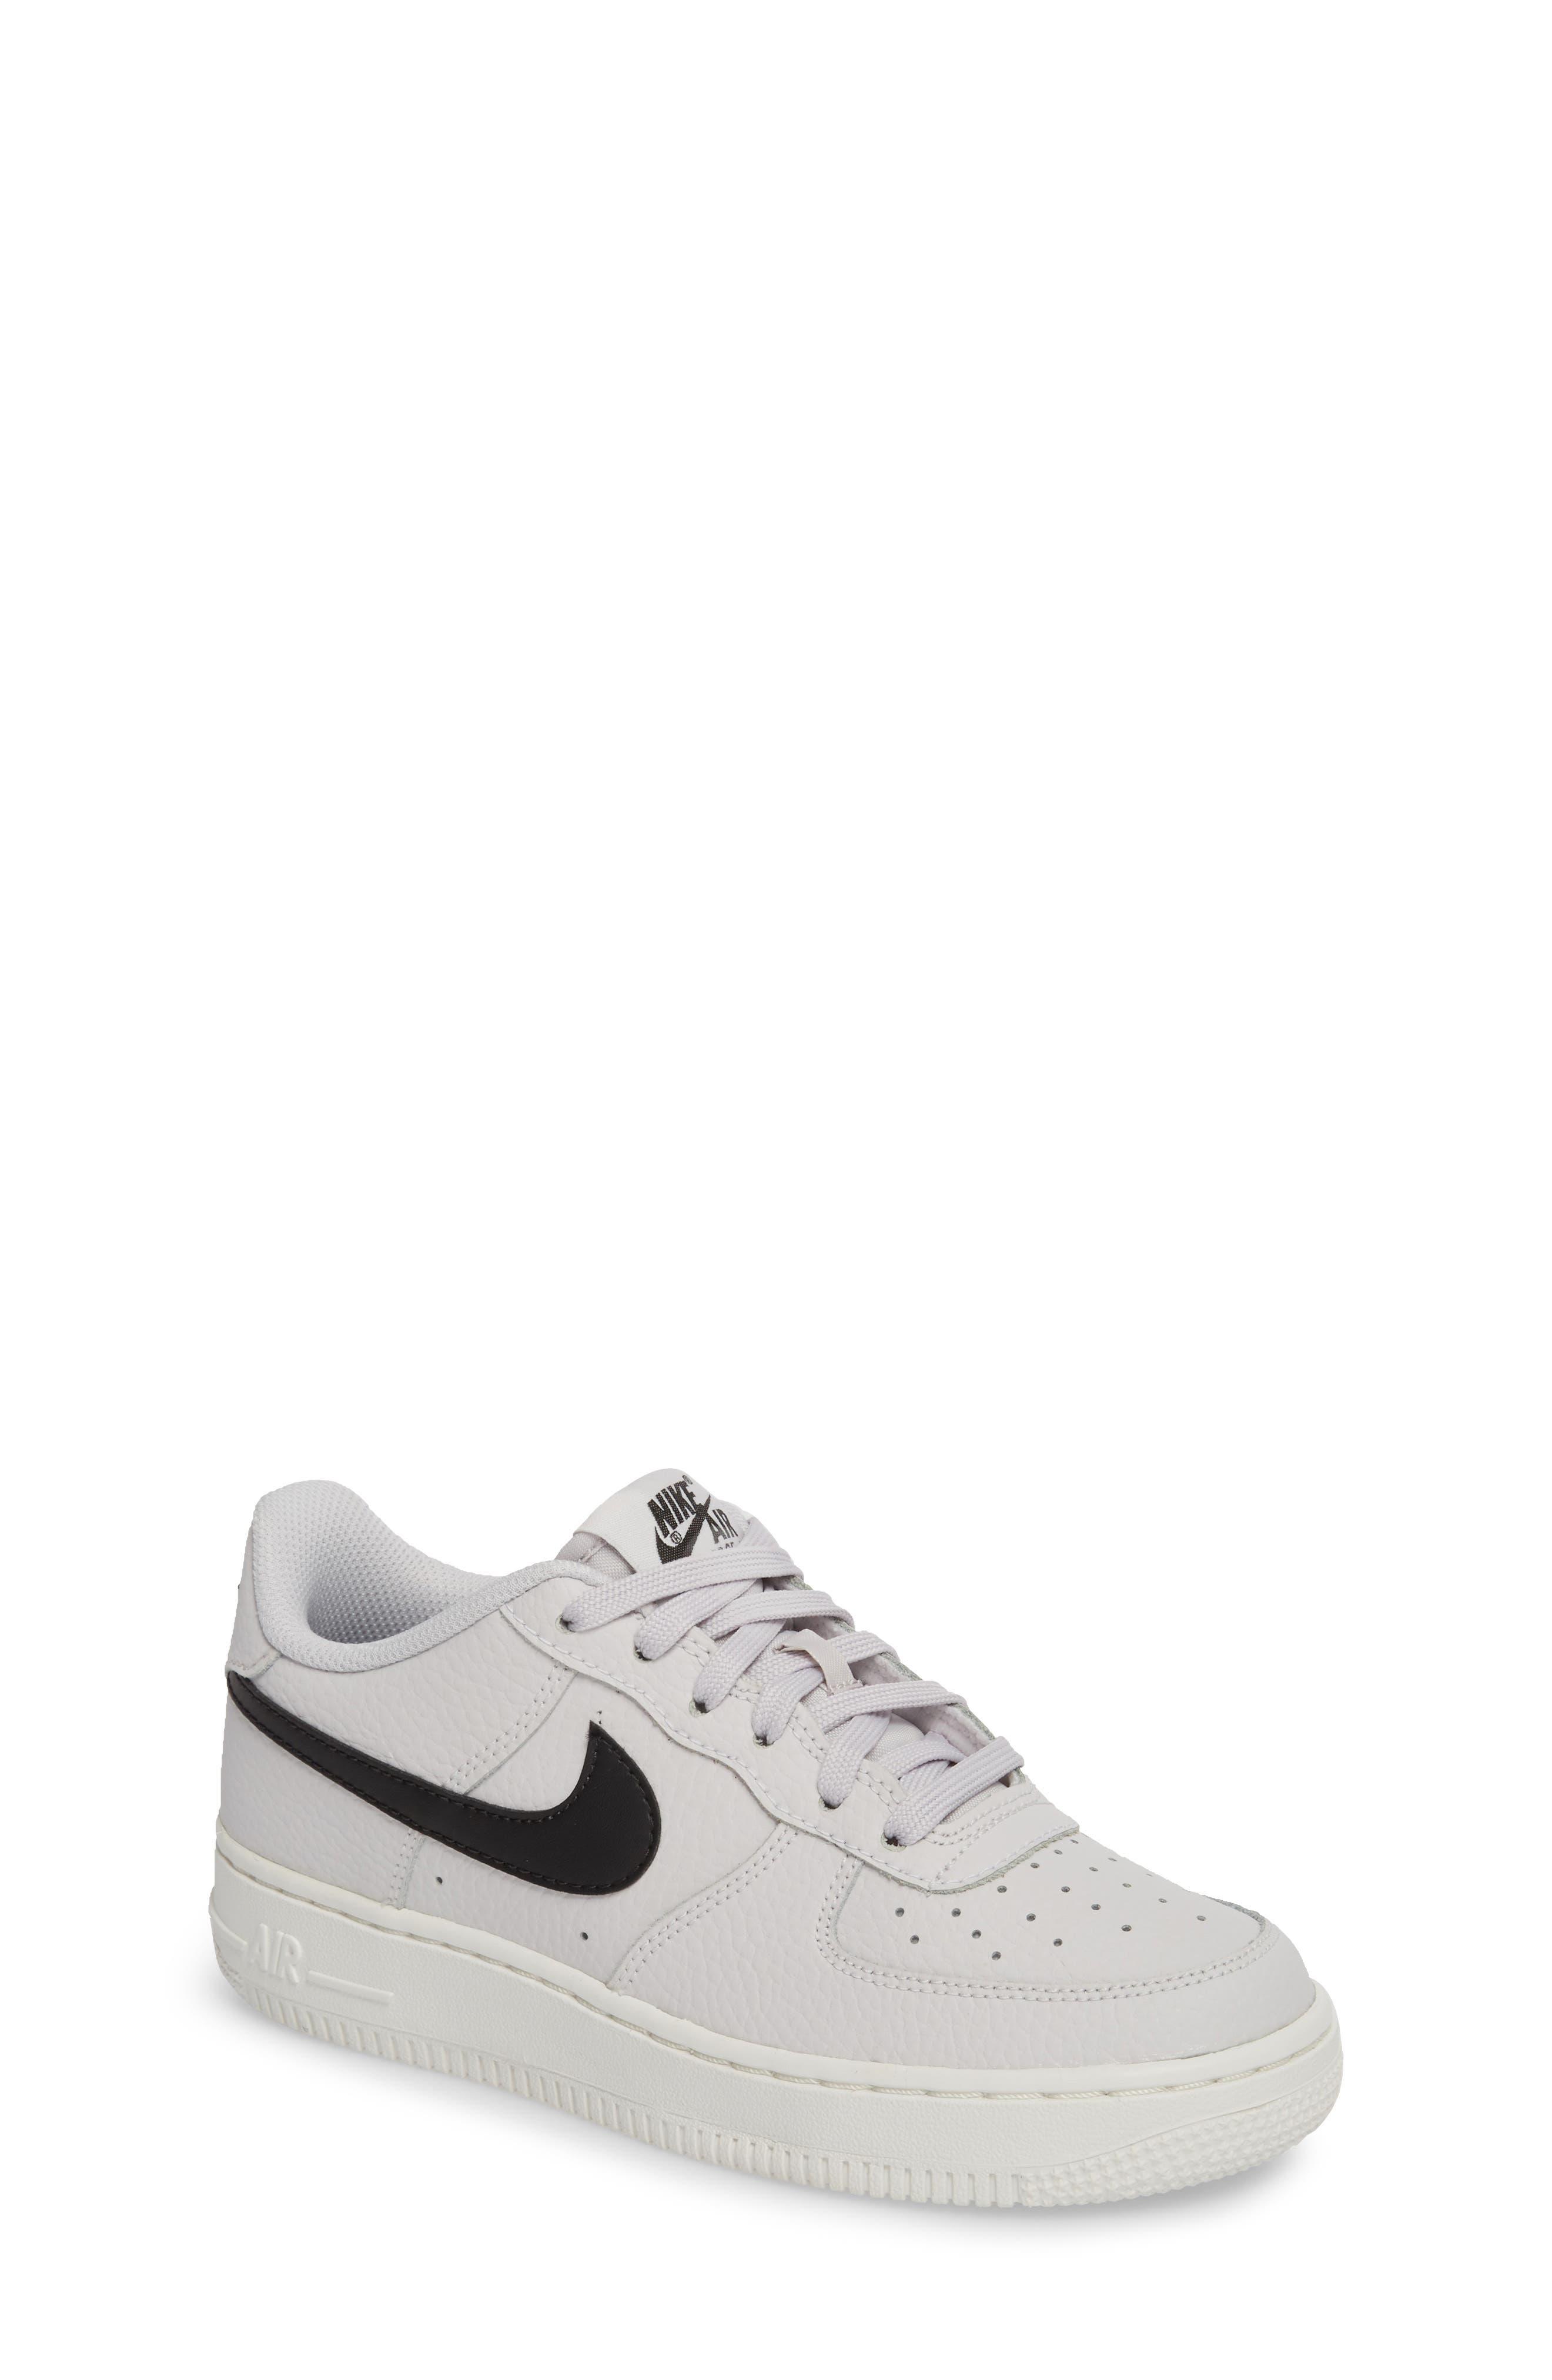 Nike Air Force 1 Sneaker (Big Kid)